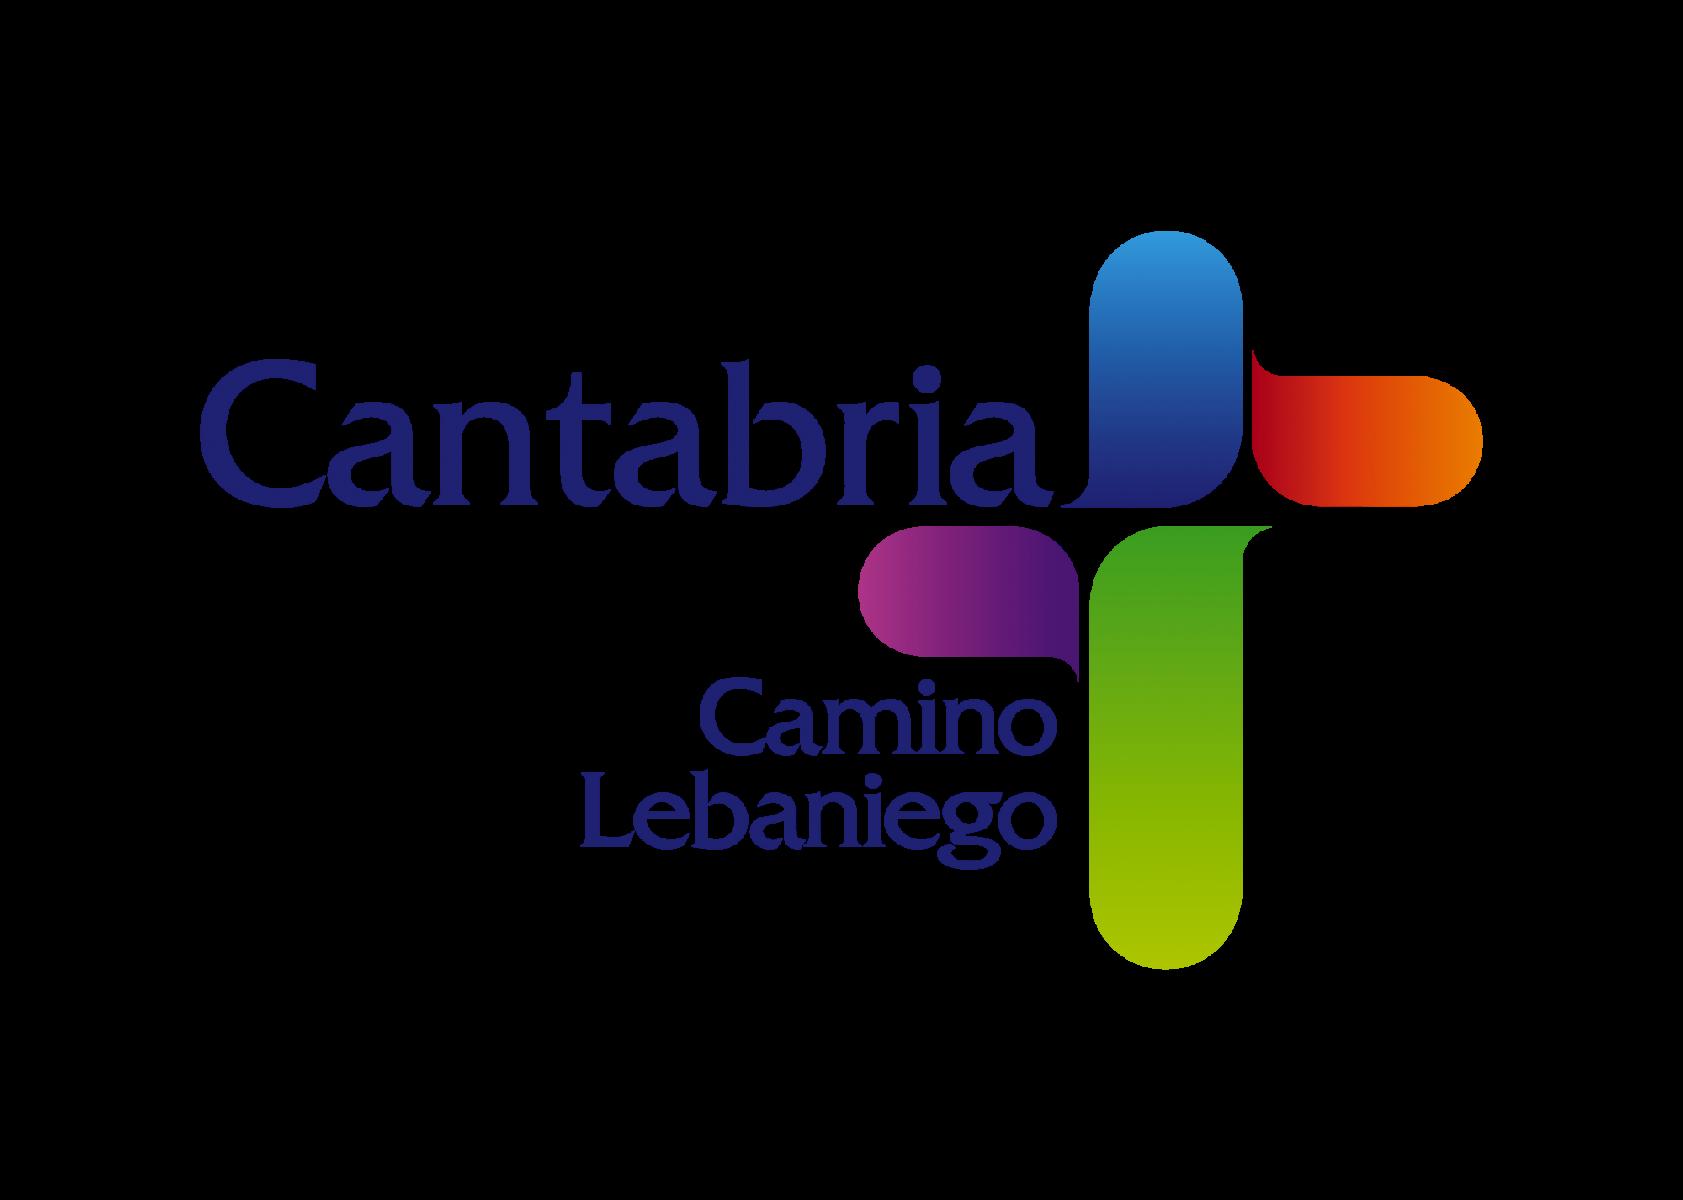 Cantabria - Camino Lebaniego - convocatoria de empleo